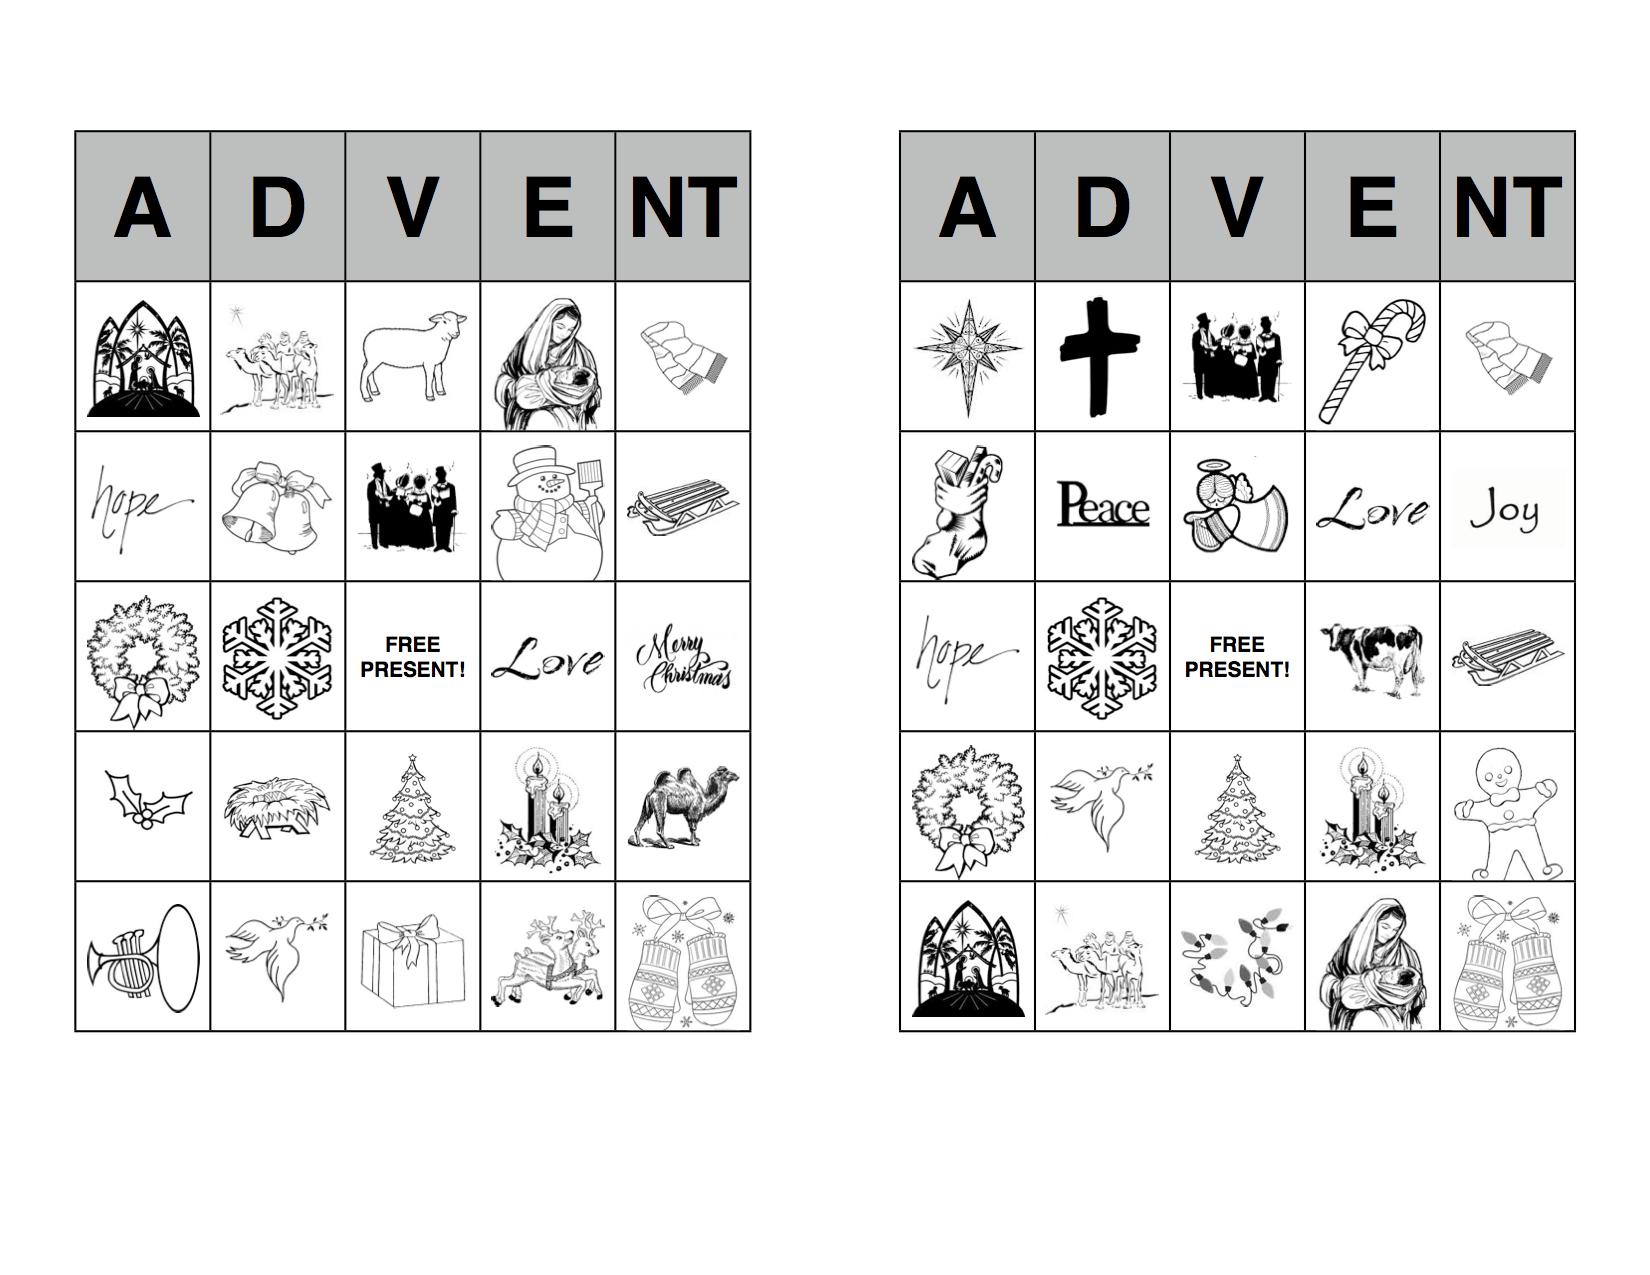 4 Images of Advent Bingo Printable